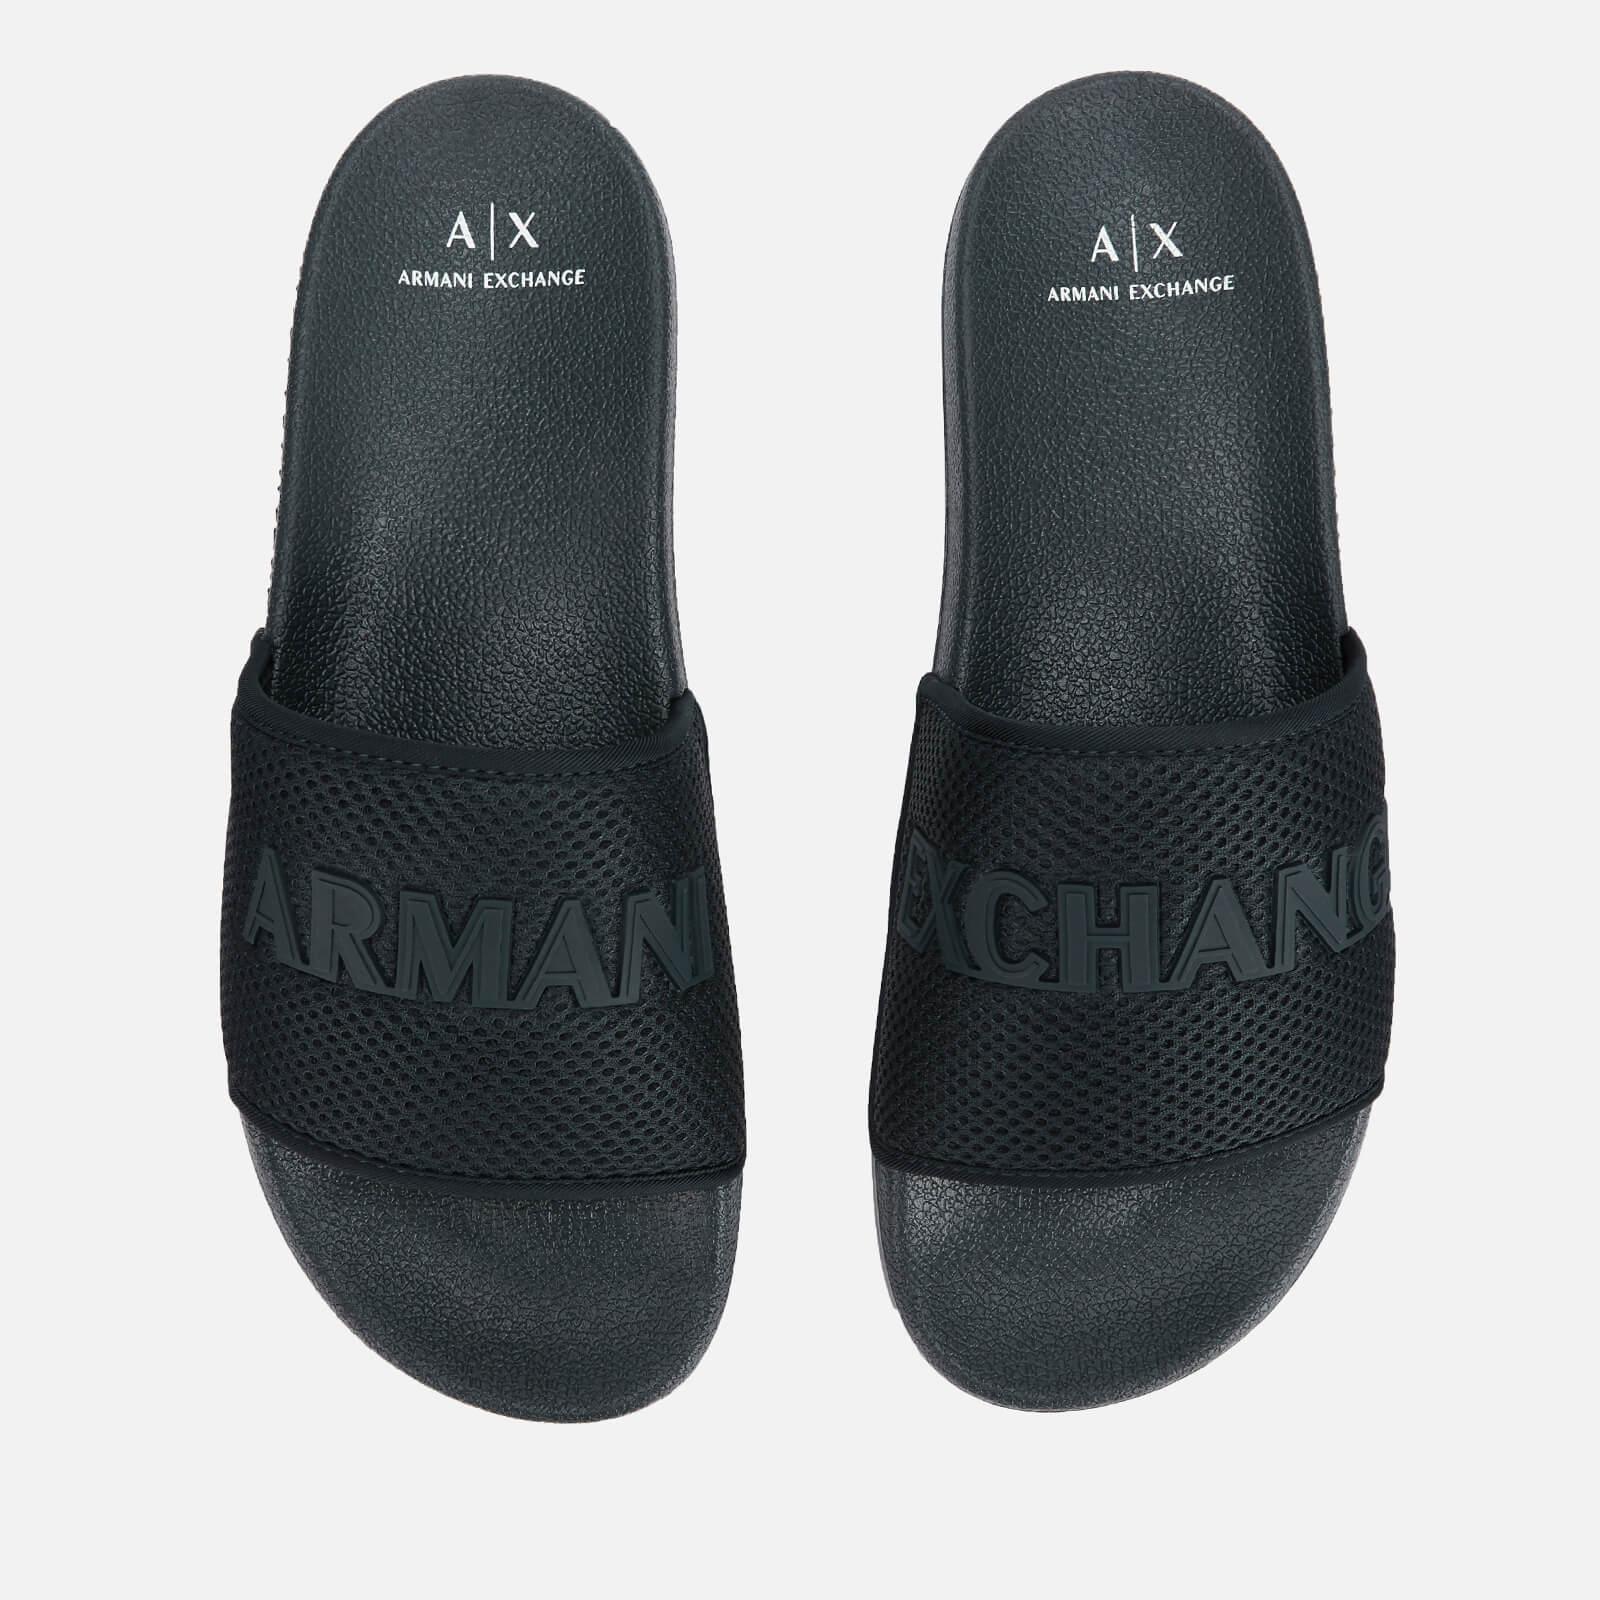 Armani Exchange Men's Mesh Slide Sandals - Dress Blue - UK 8 - Blue